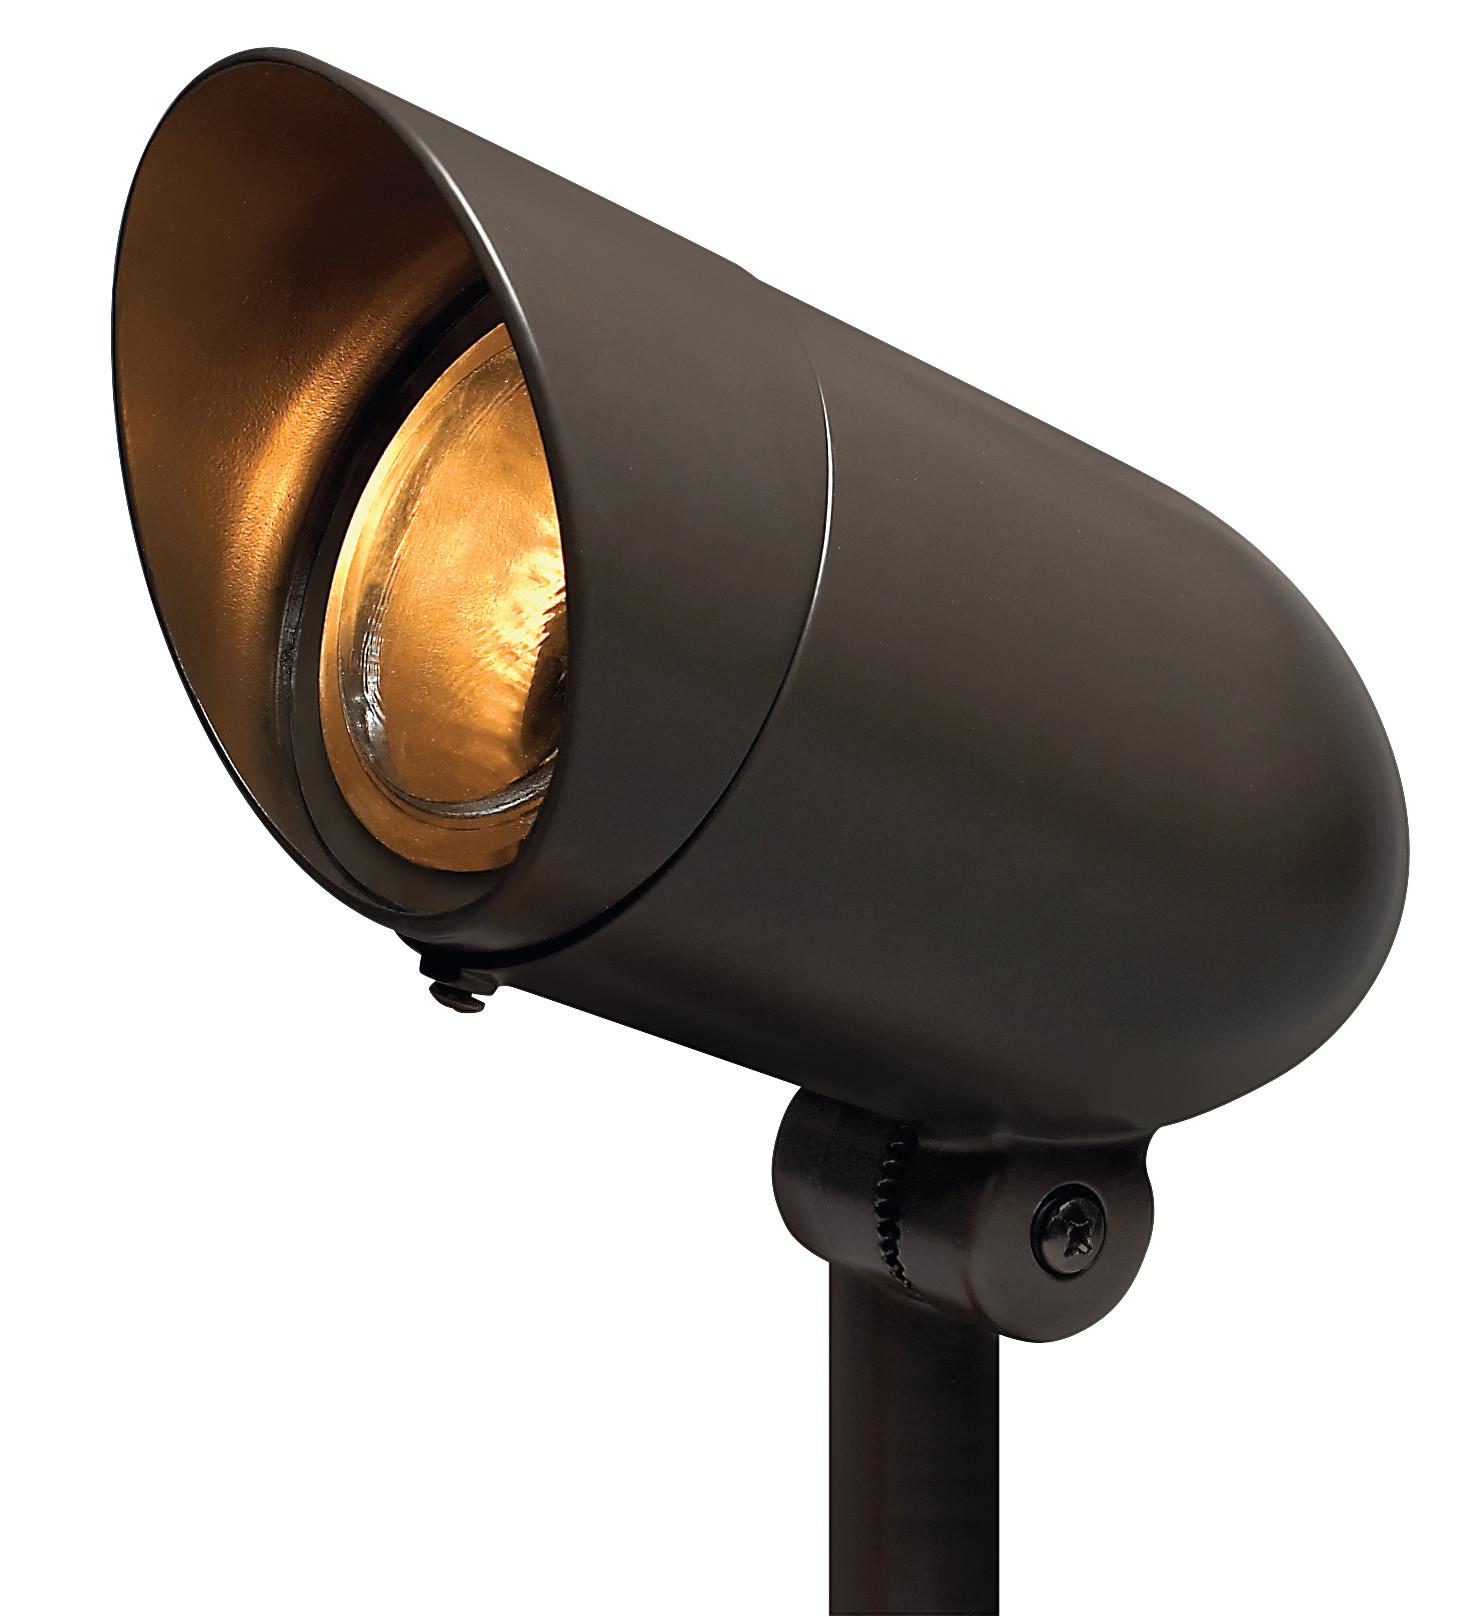 Hinkley Lighting H54000 120v 75w Line Voltage Landscape Lighting Accent Light